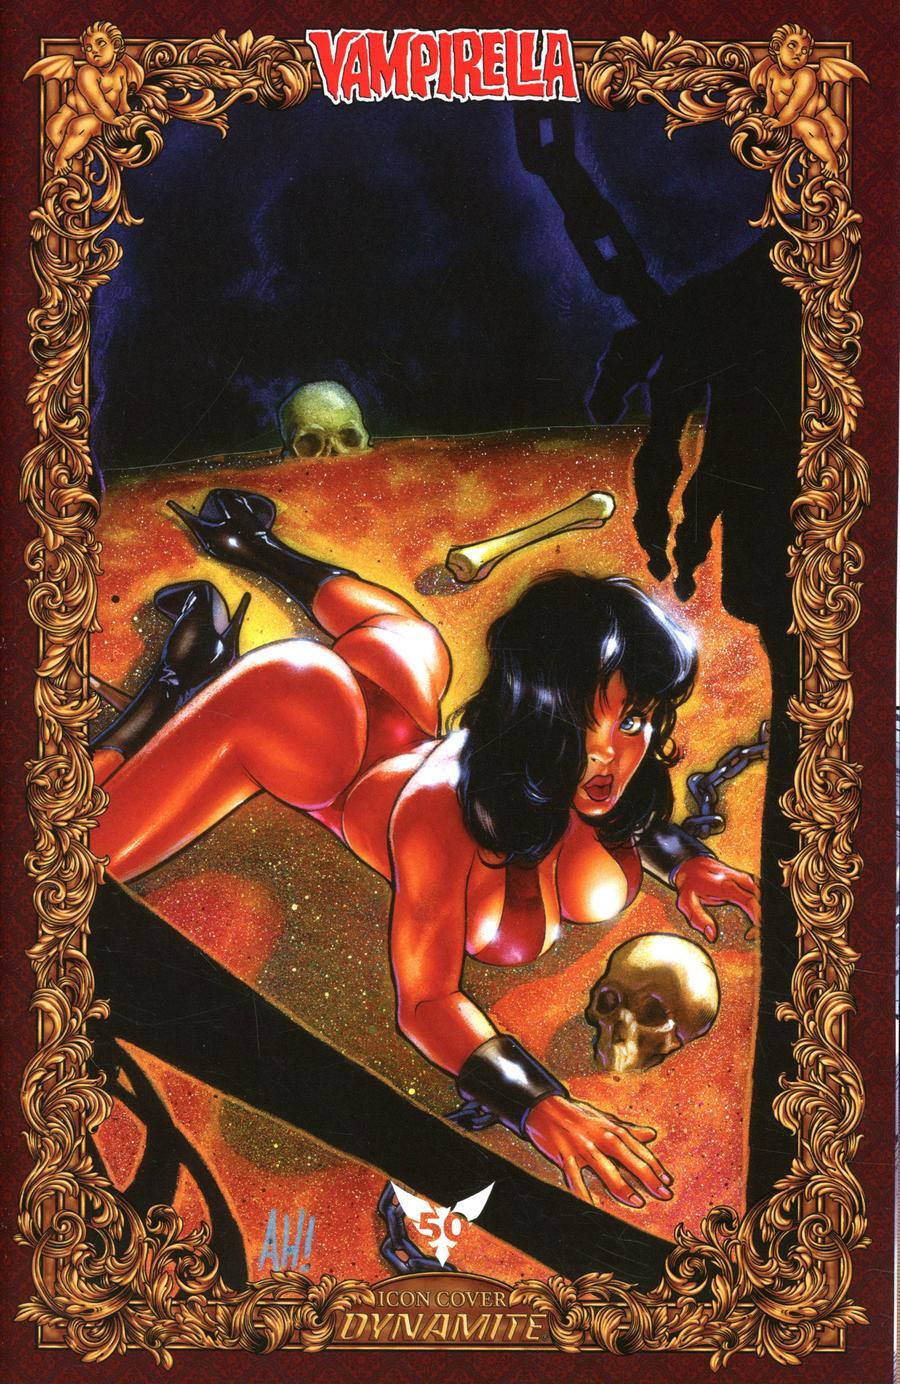 Vengeance Of Vampirella Vol 2 #4 Cover O Incentive Adam Hughes Icon Edition Variant Cover